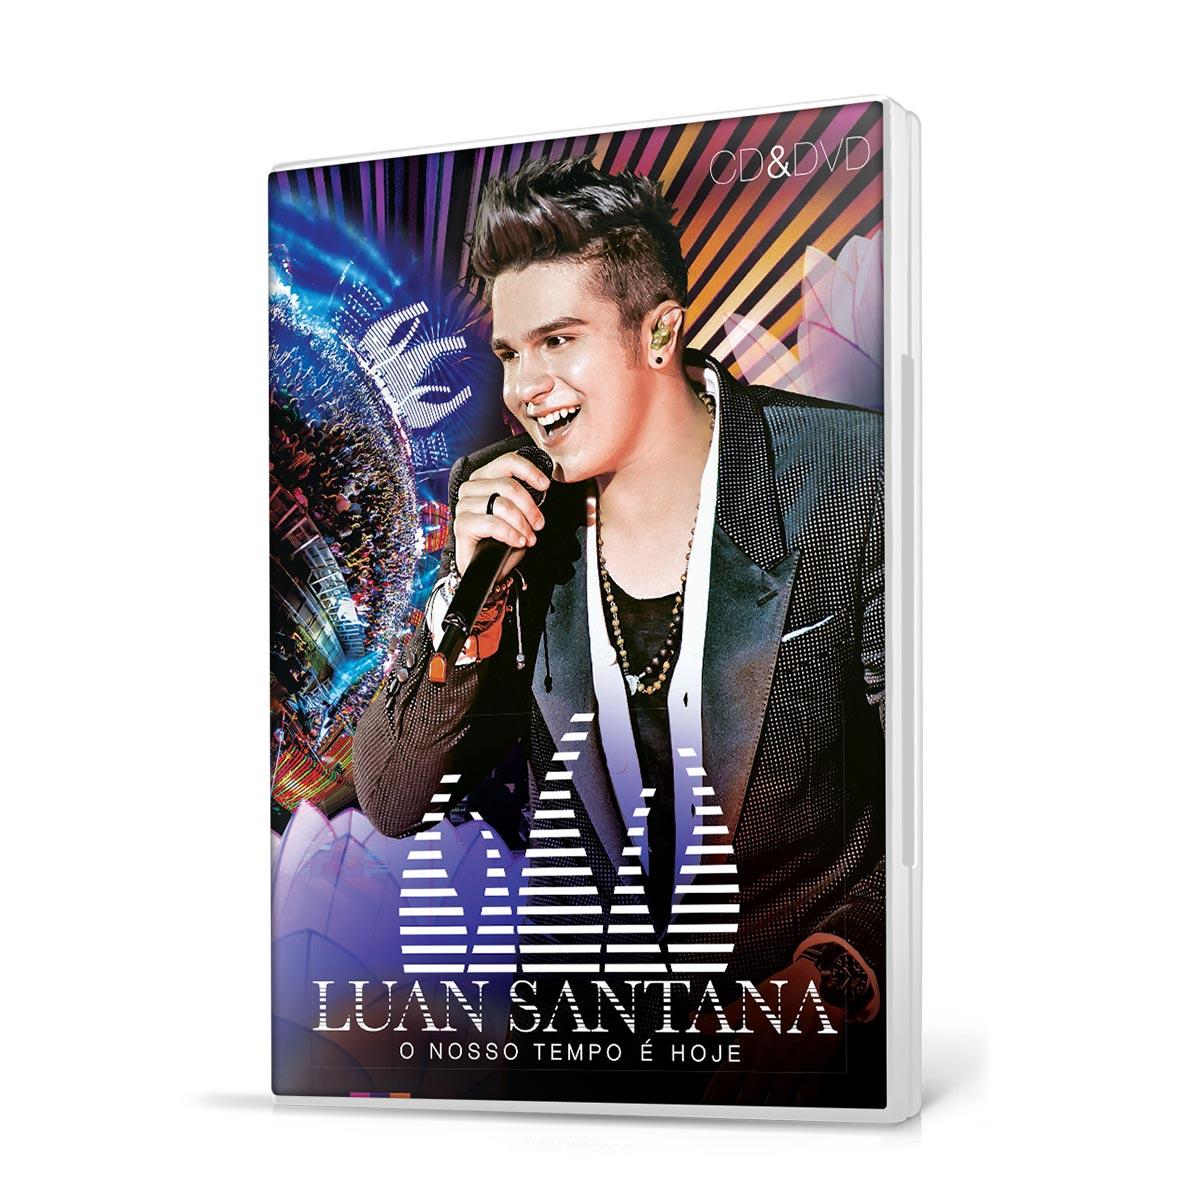 KIT CD+DVD Luan Santana O Nosso Tempo � Hoje